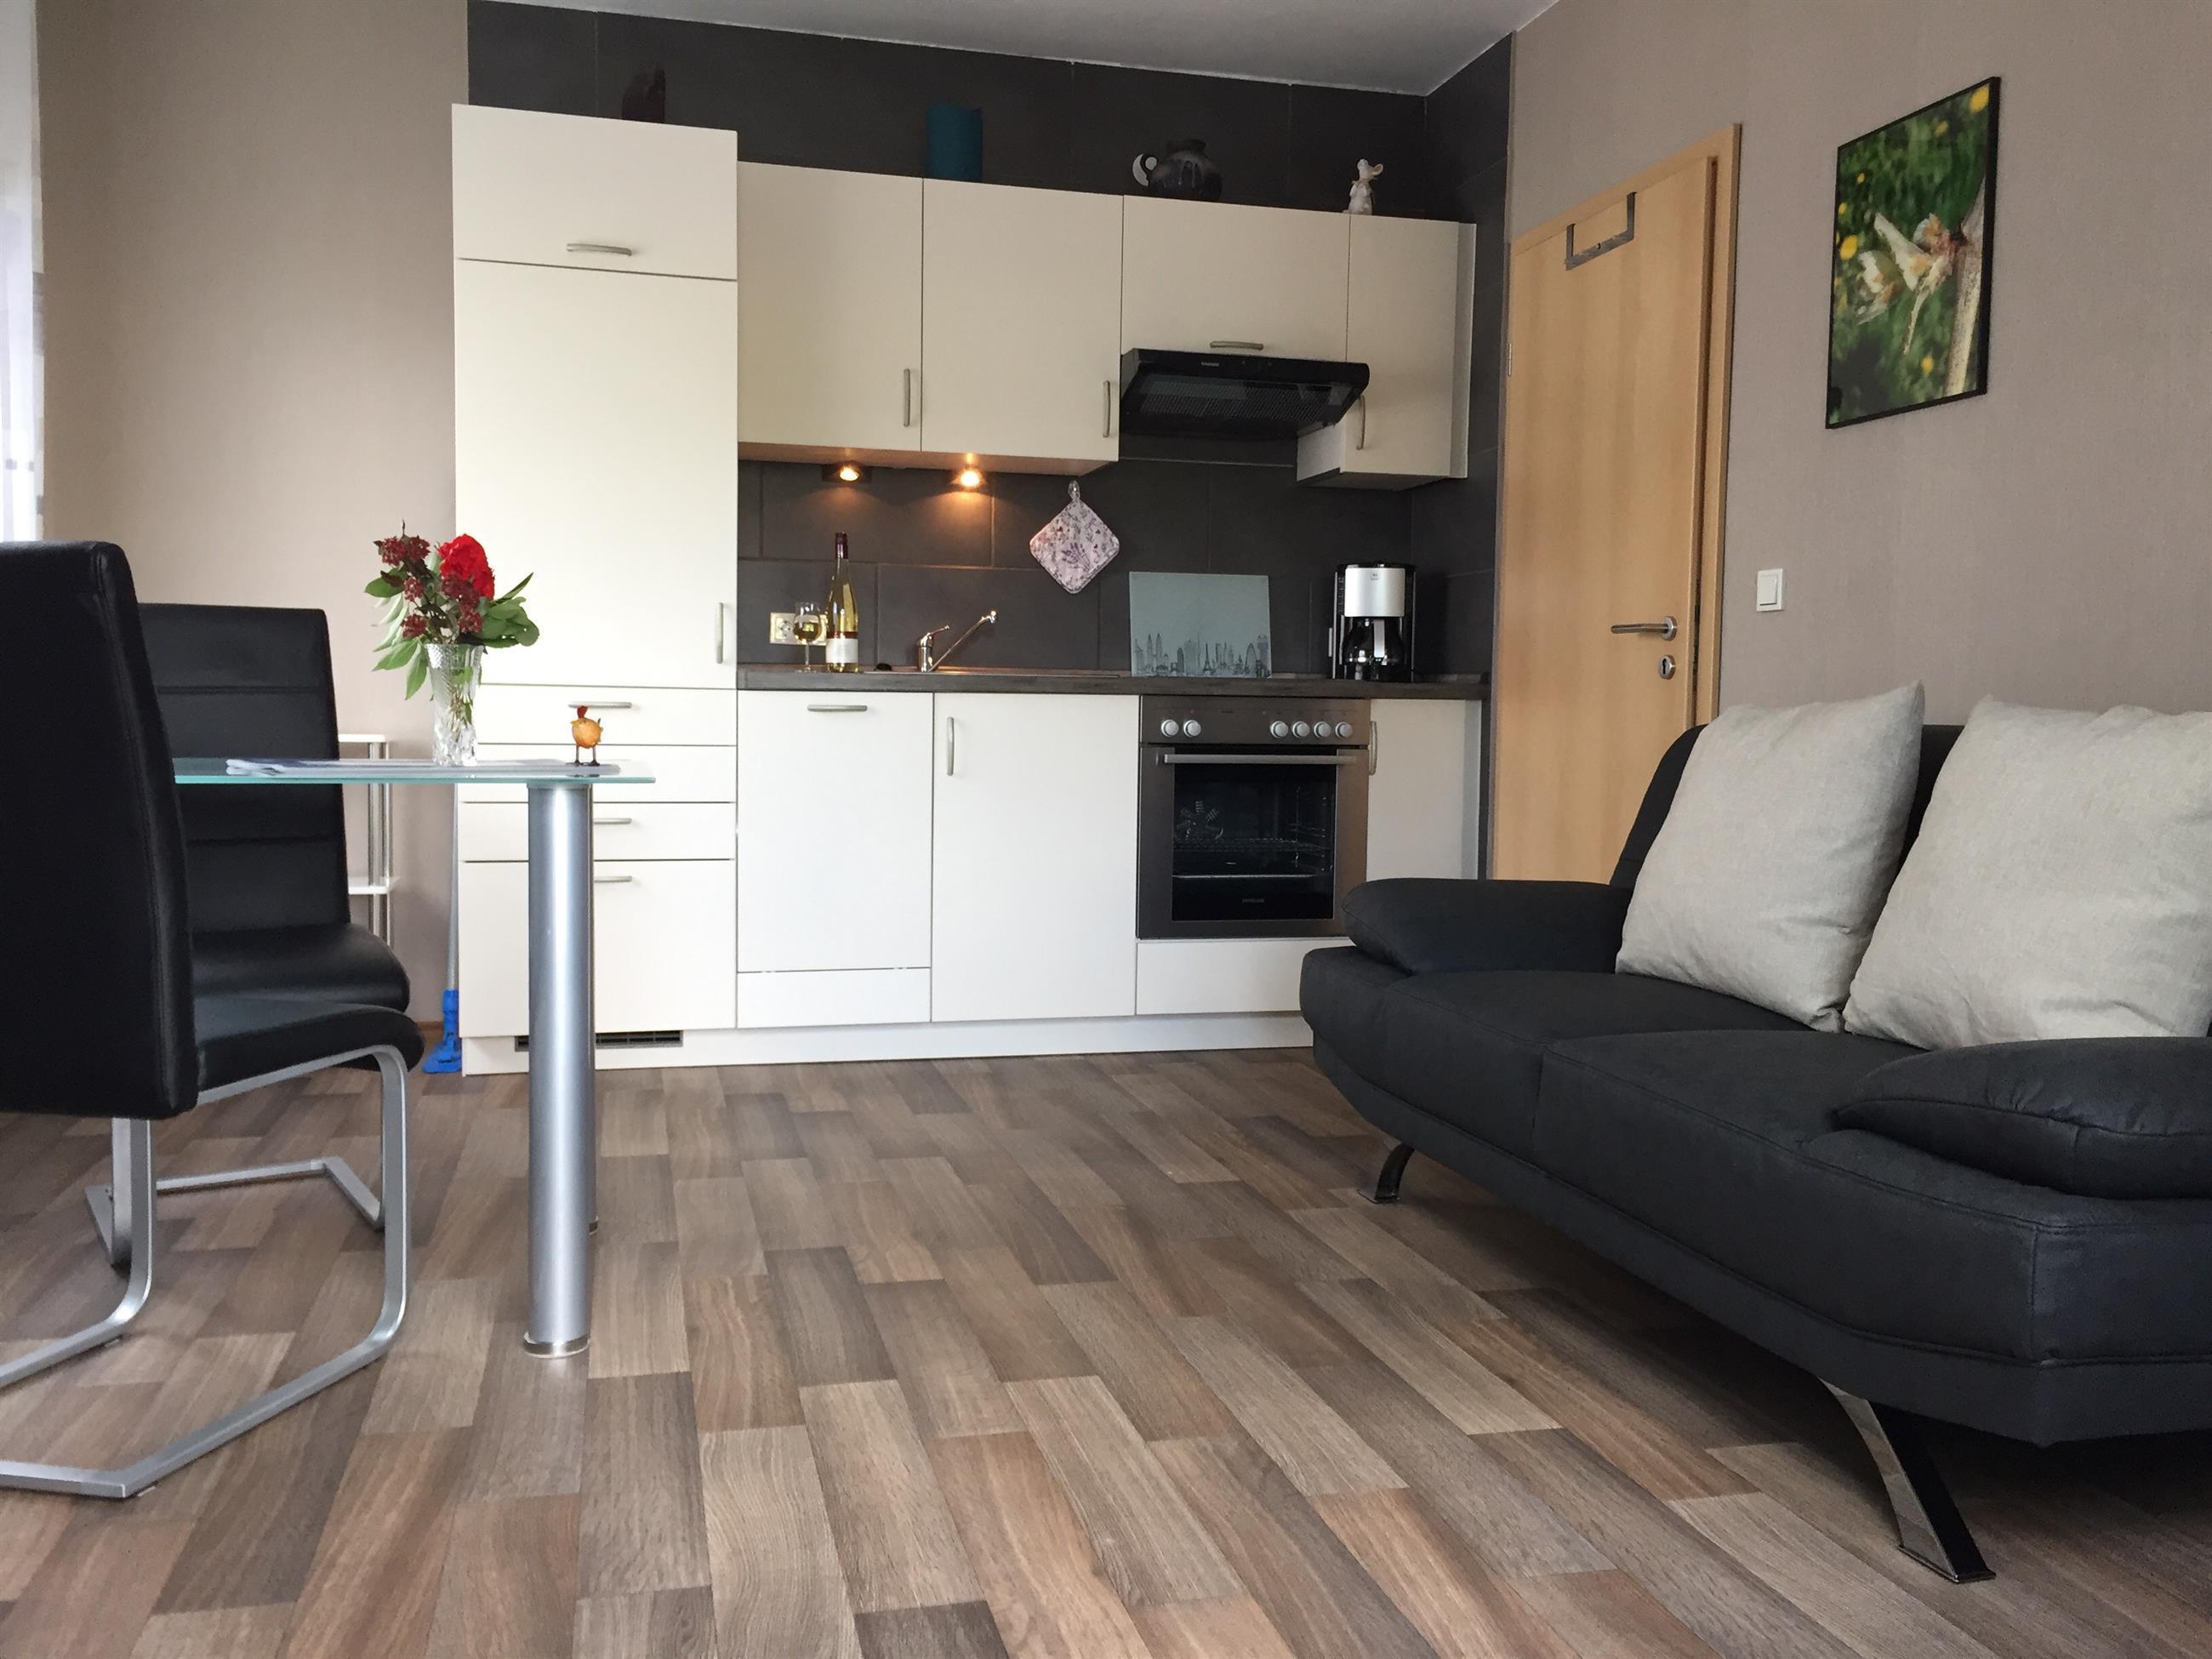 Küche/Wohnraum, Livia